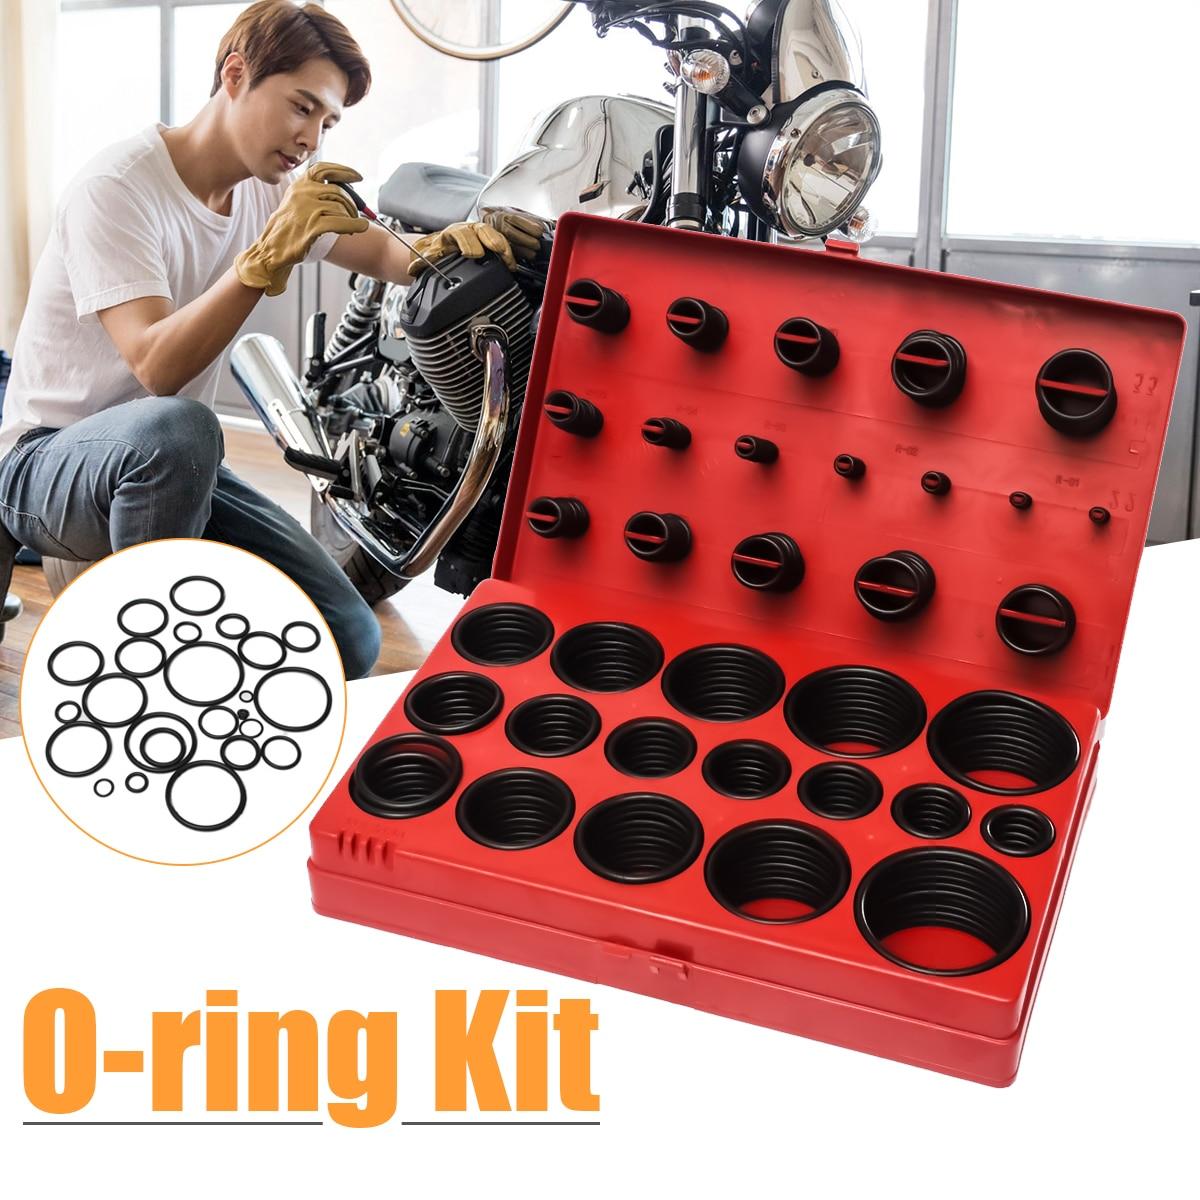 419 stücke Assorted O Ring Gummi Dichtung Sortiment Set Kit Garage Sanitär Mit Fall für Allgemeine Installateure Mechanik Werkstatt